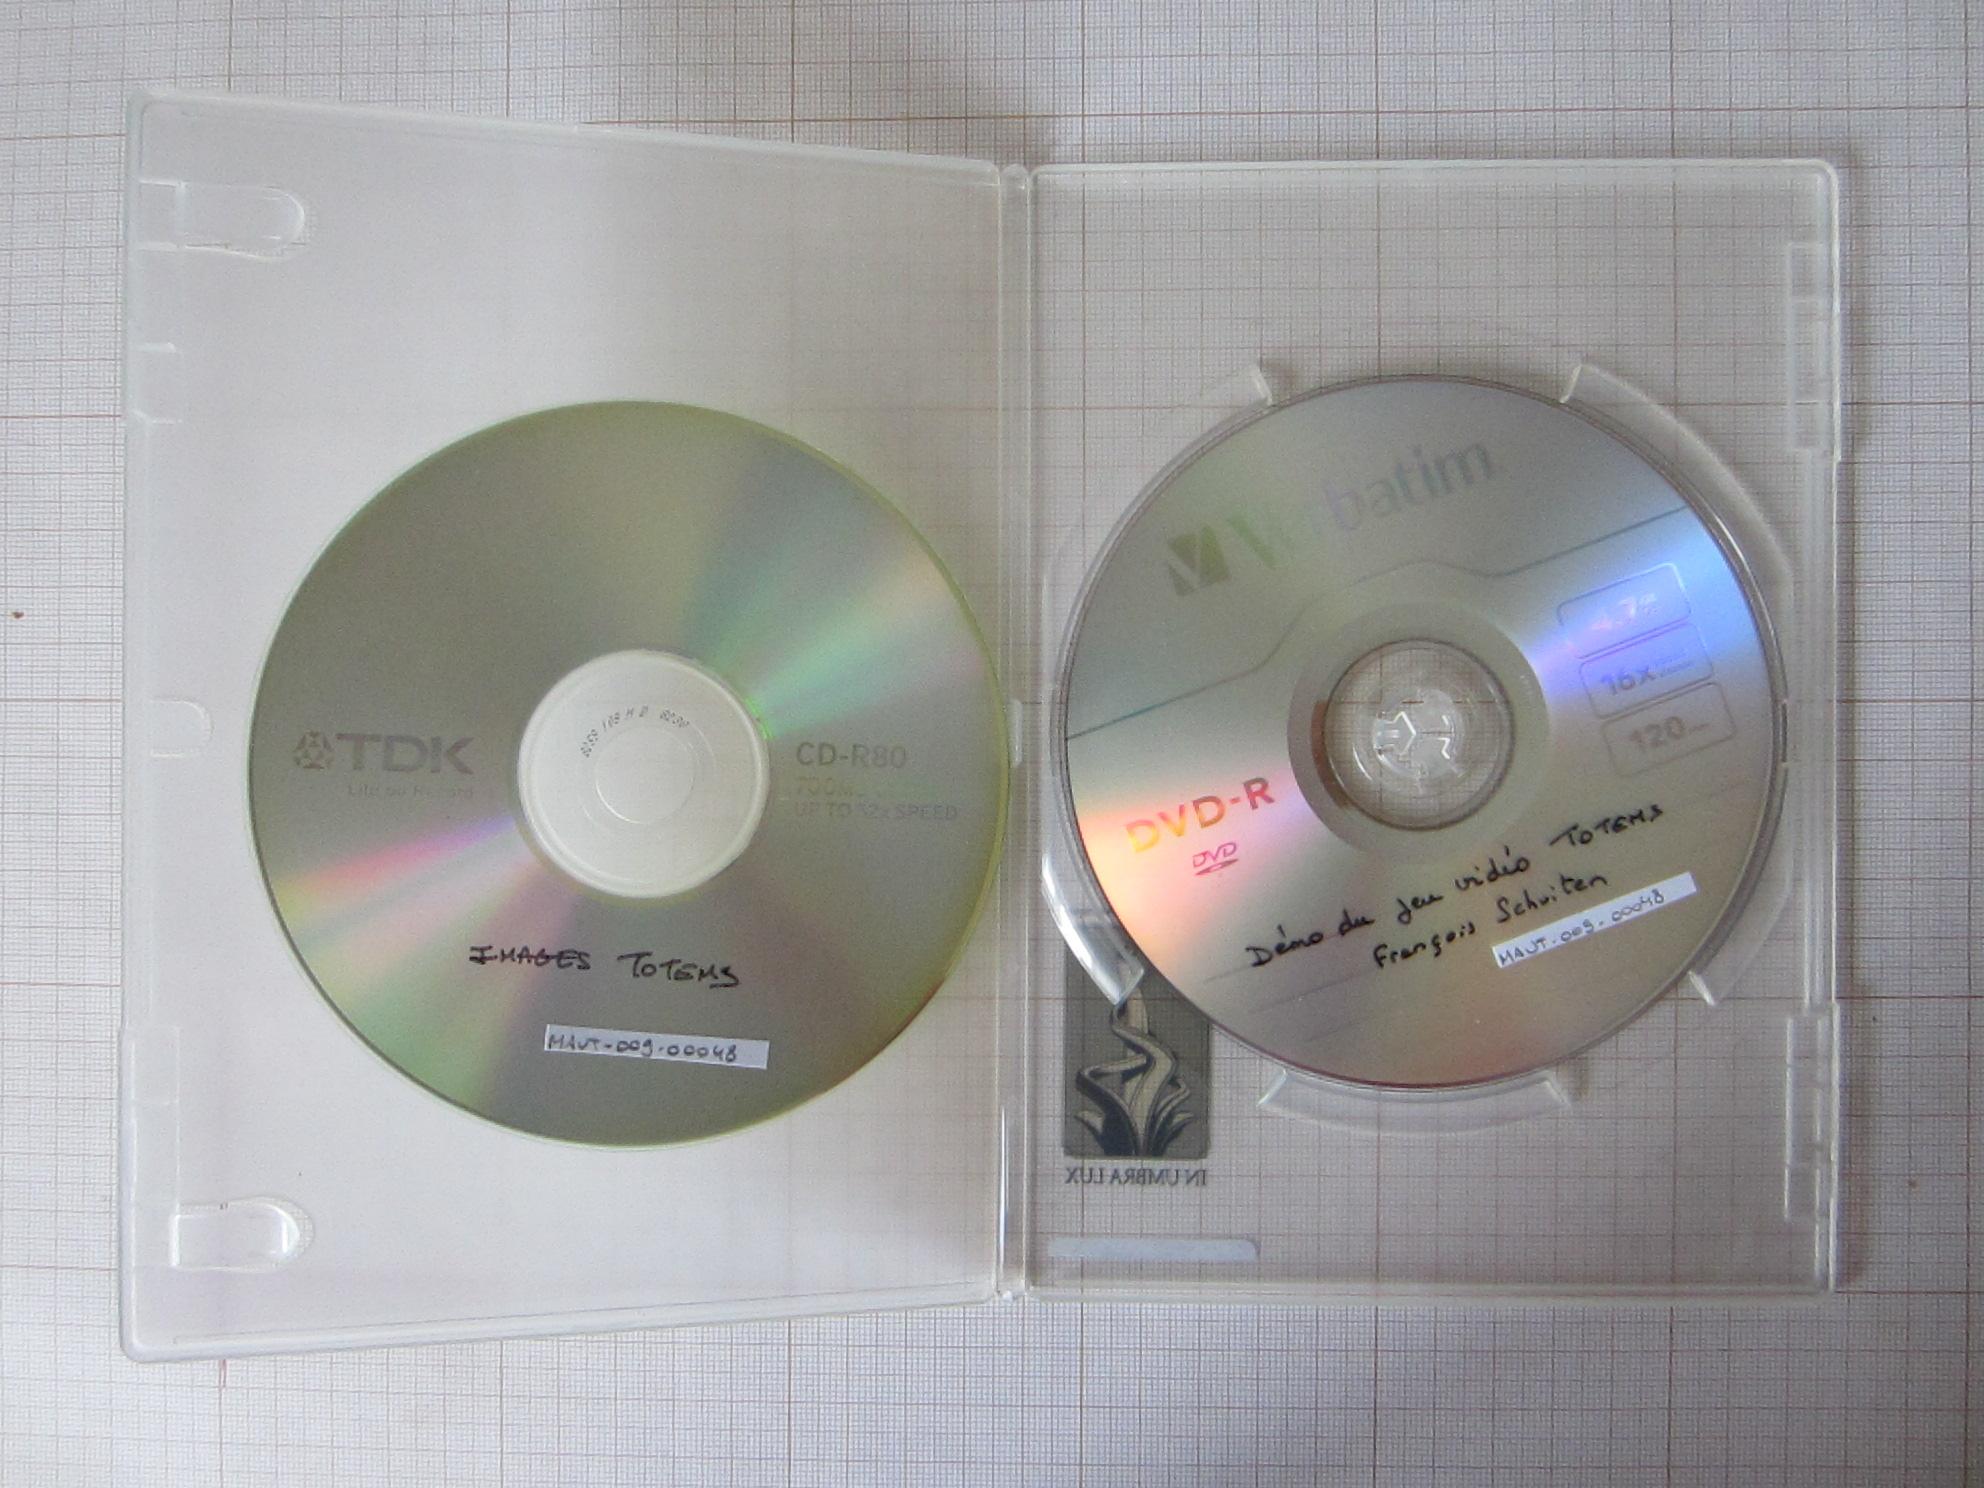 Cycle de conférences. François Schuiten à l'UCL : Totems© Maison Autrique, 2008